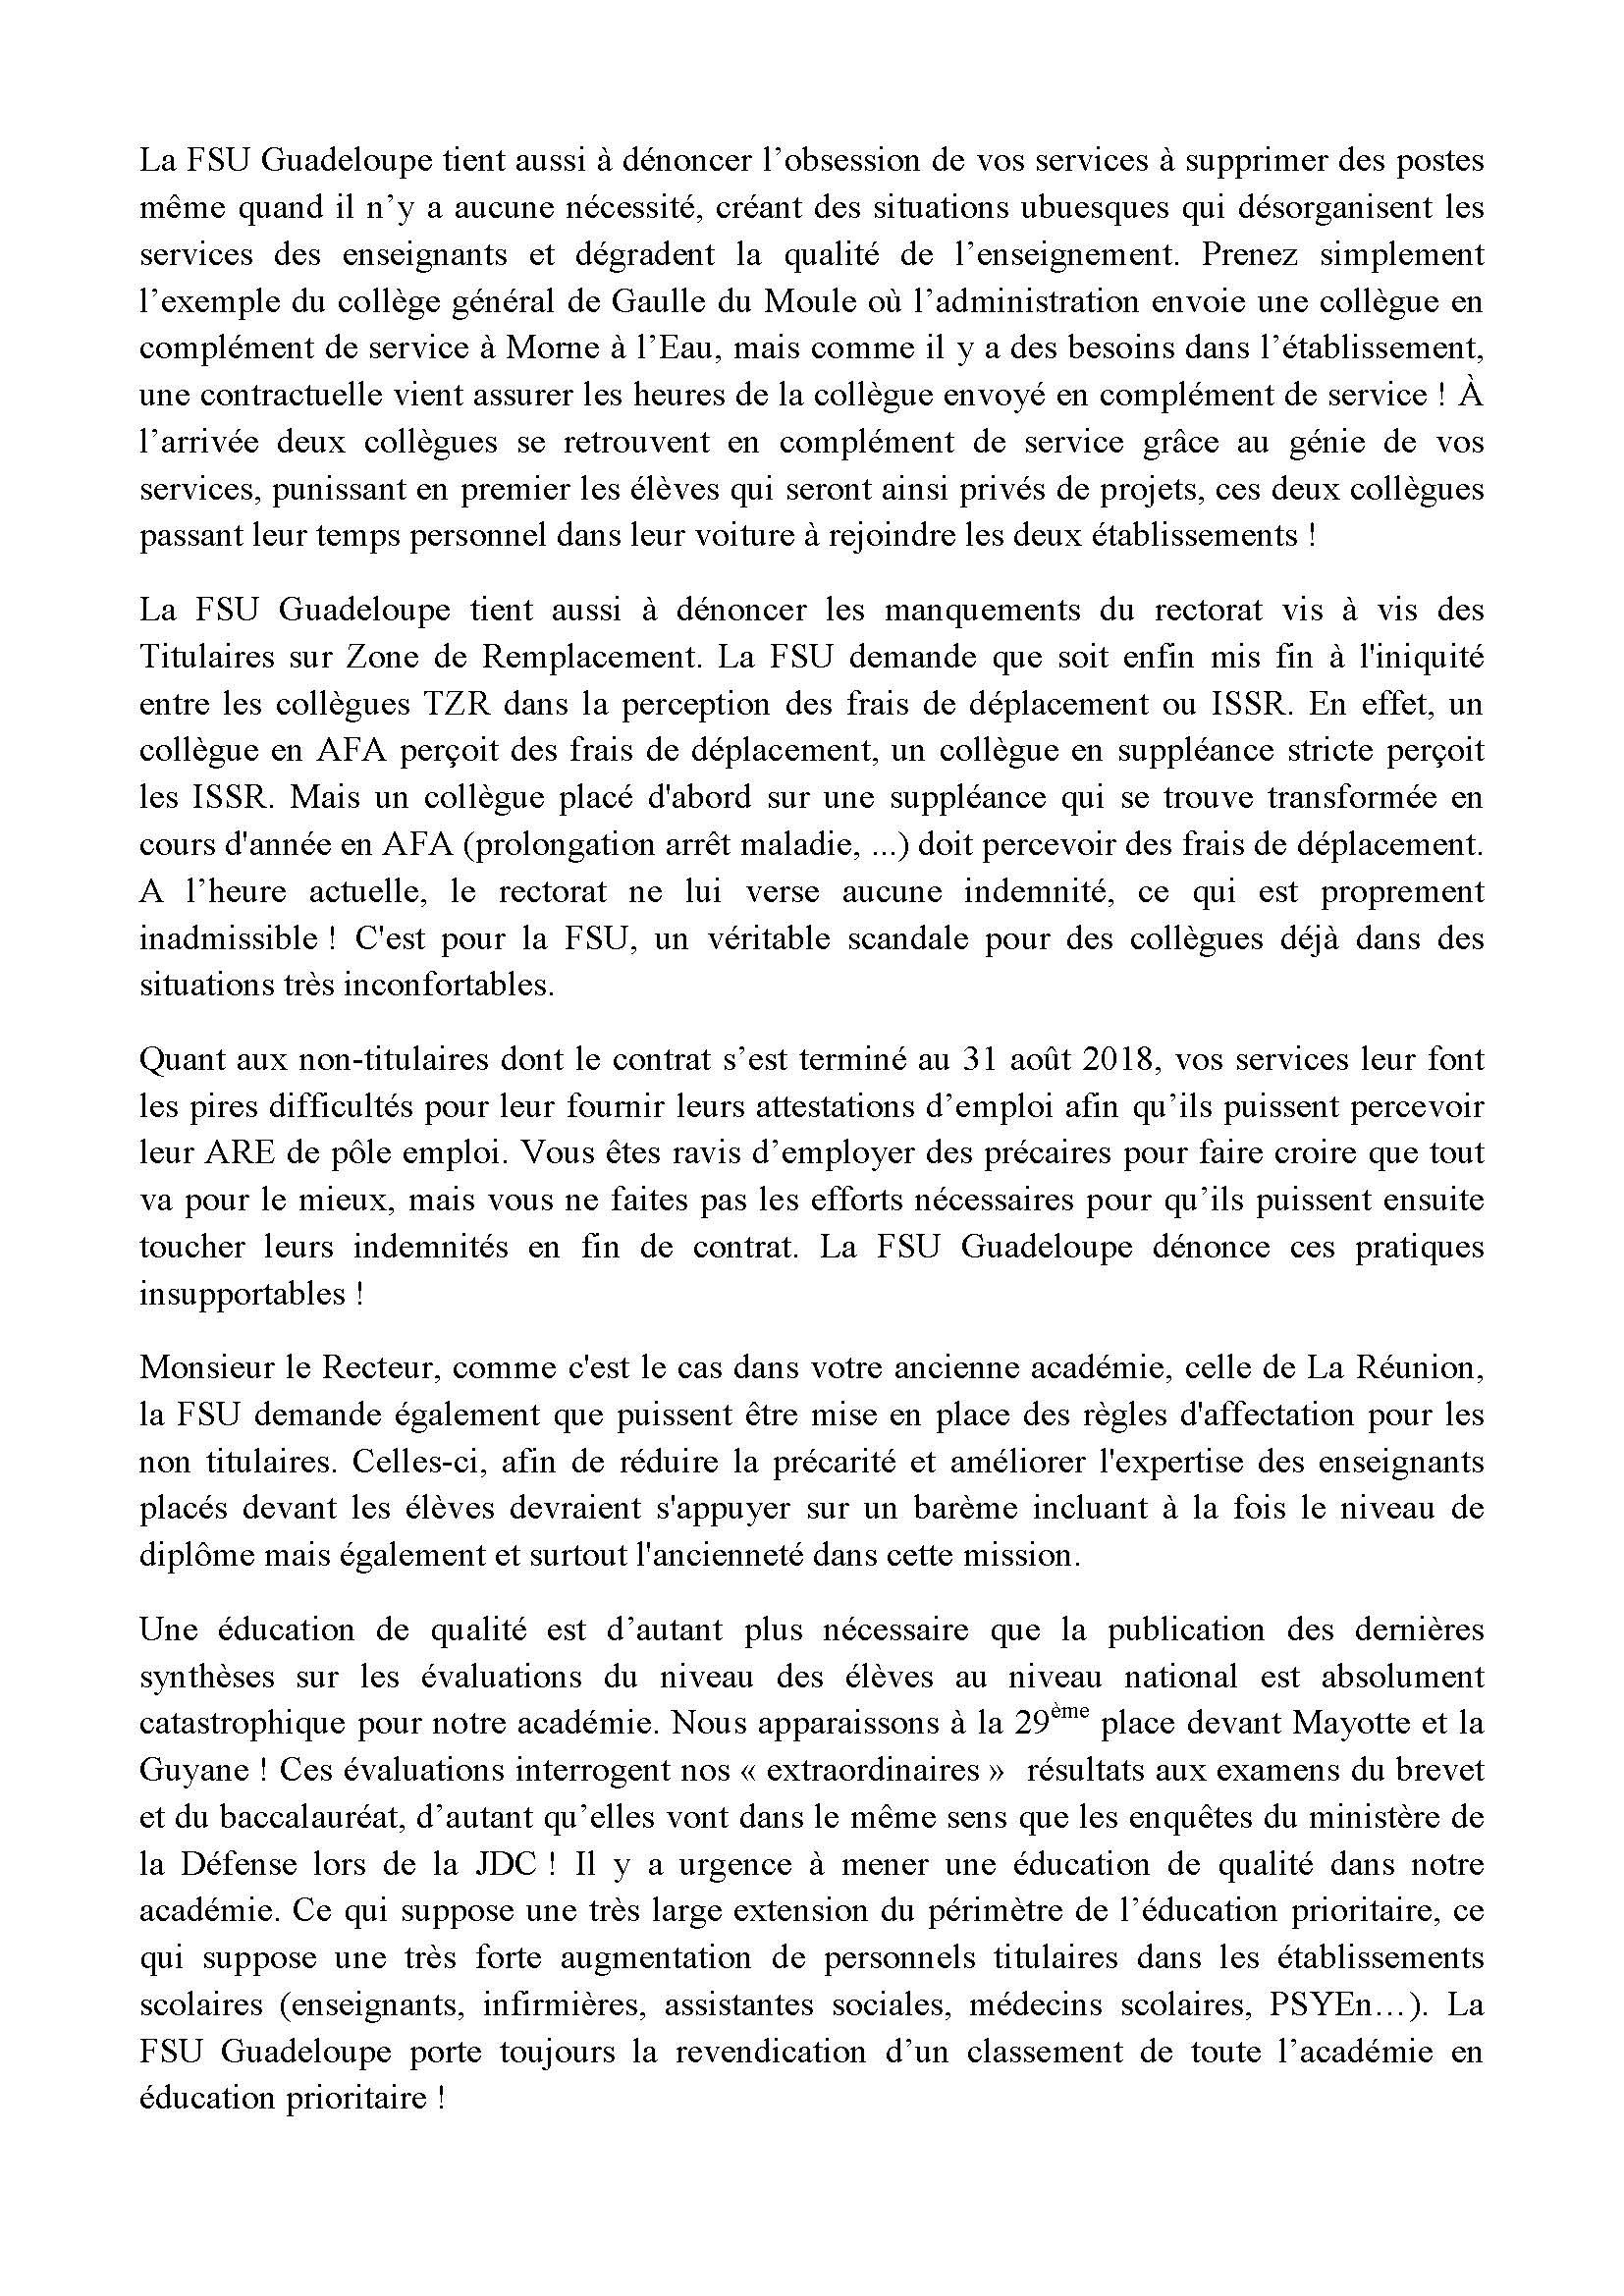 thumbnail of Déclaration de la FSU_CTA_20 septembre 2018